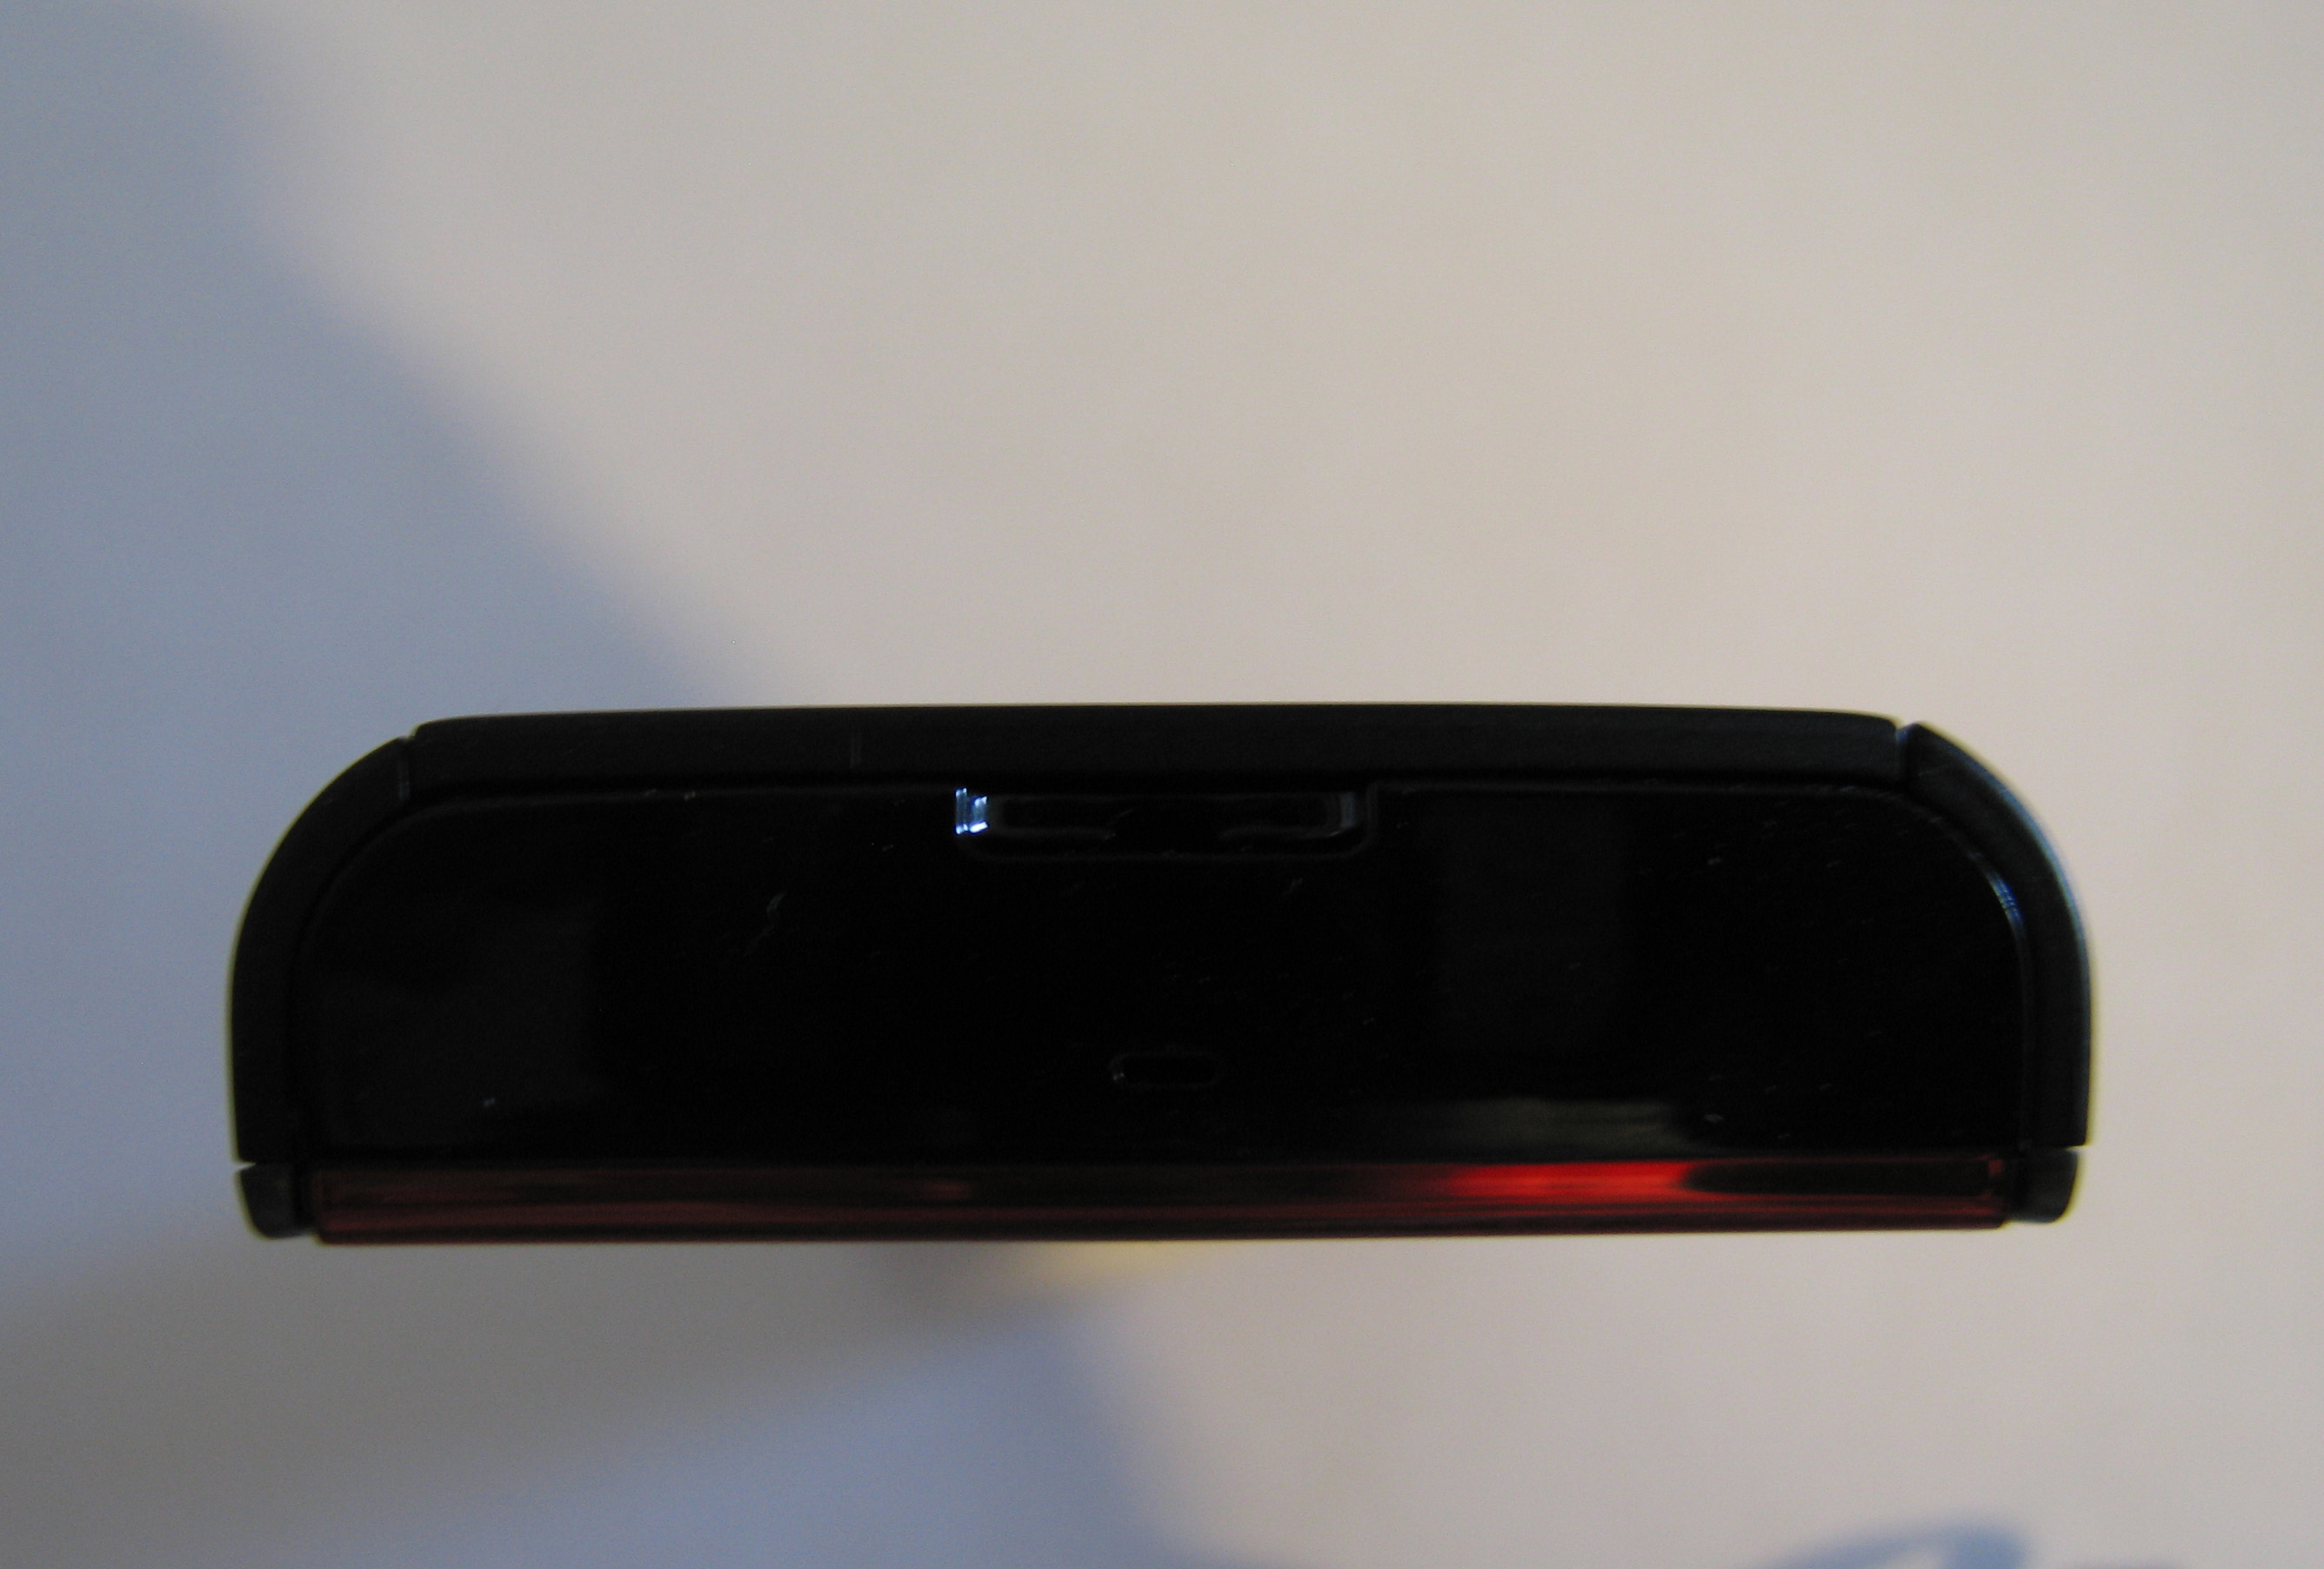 Nokia X6 – Bottom